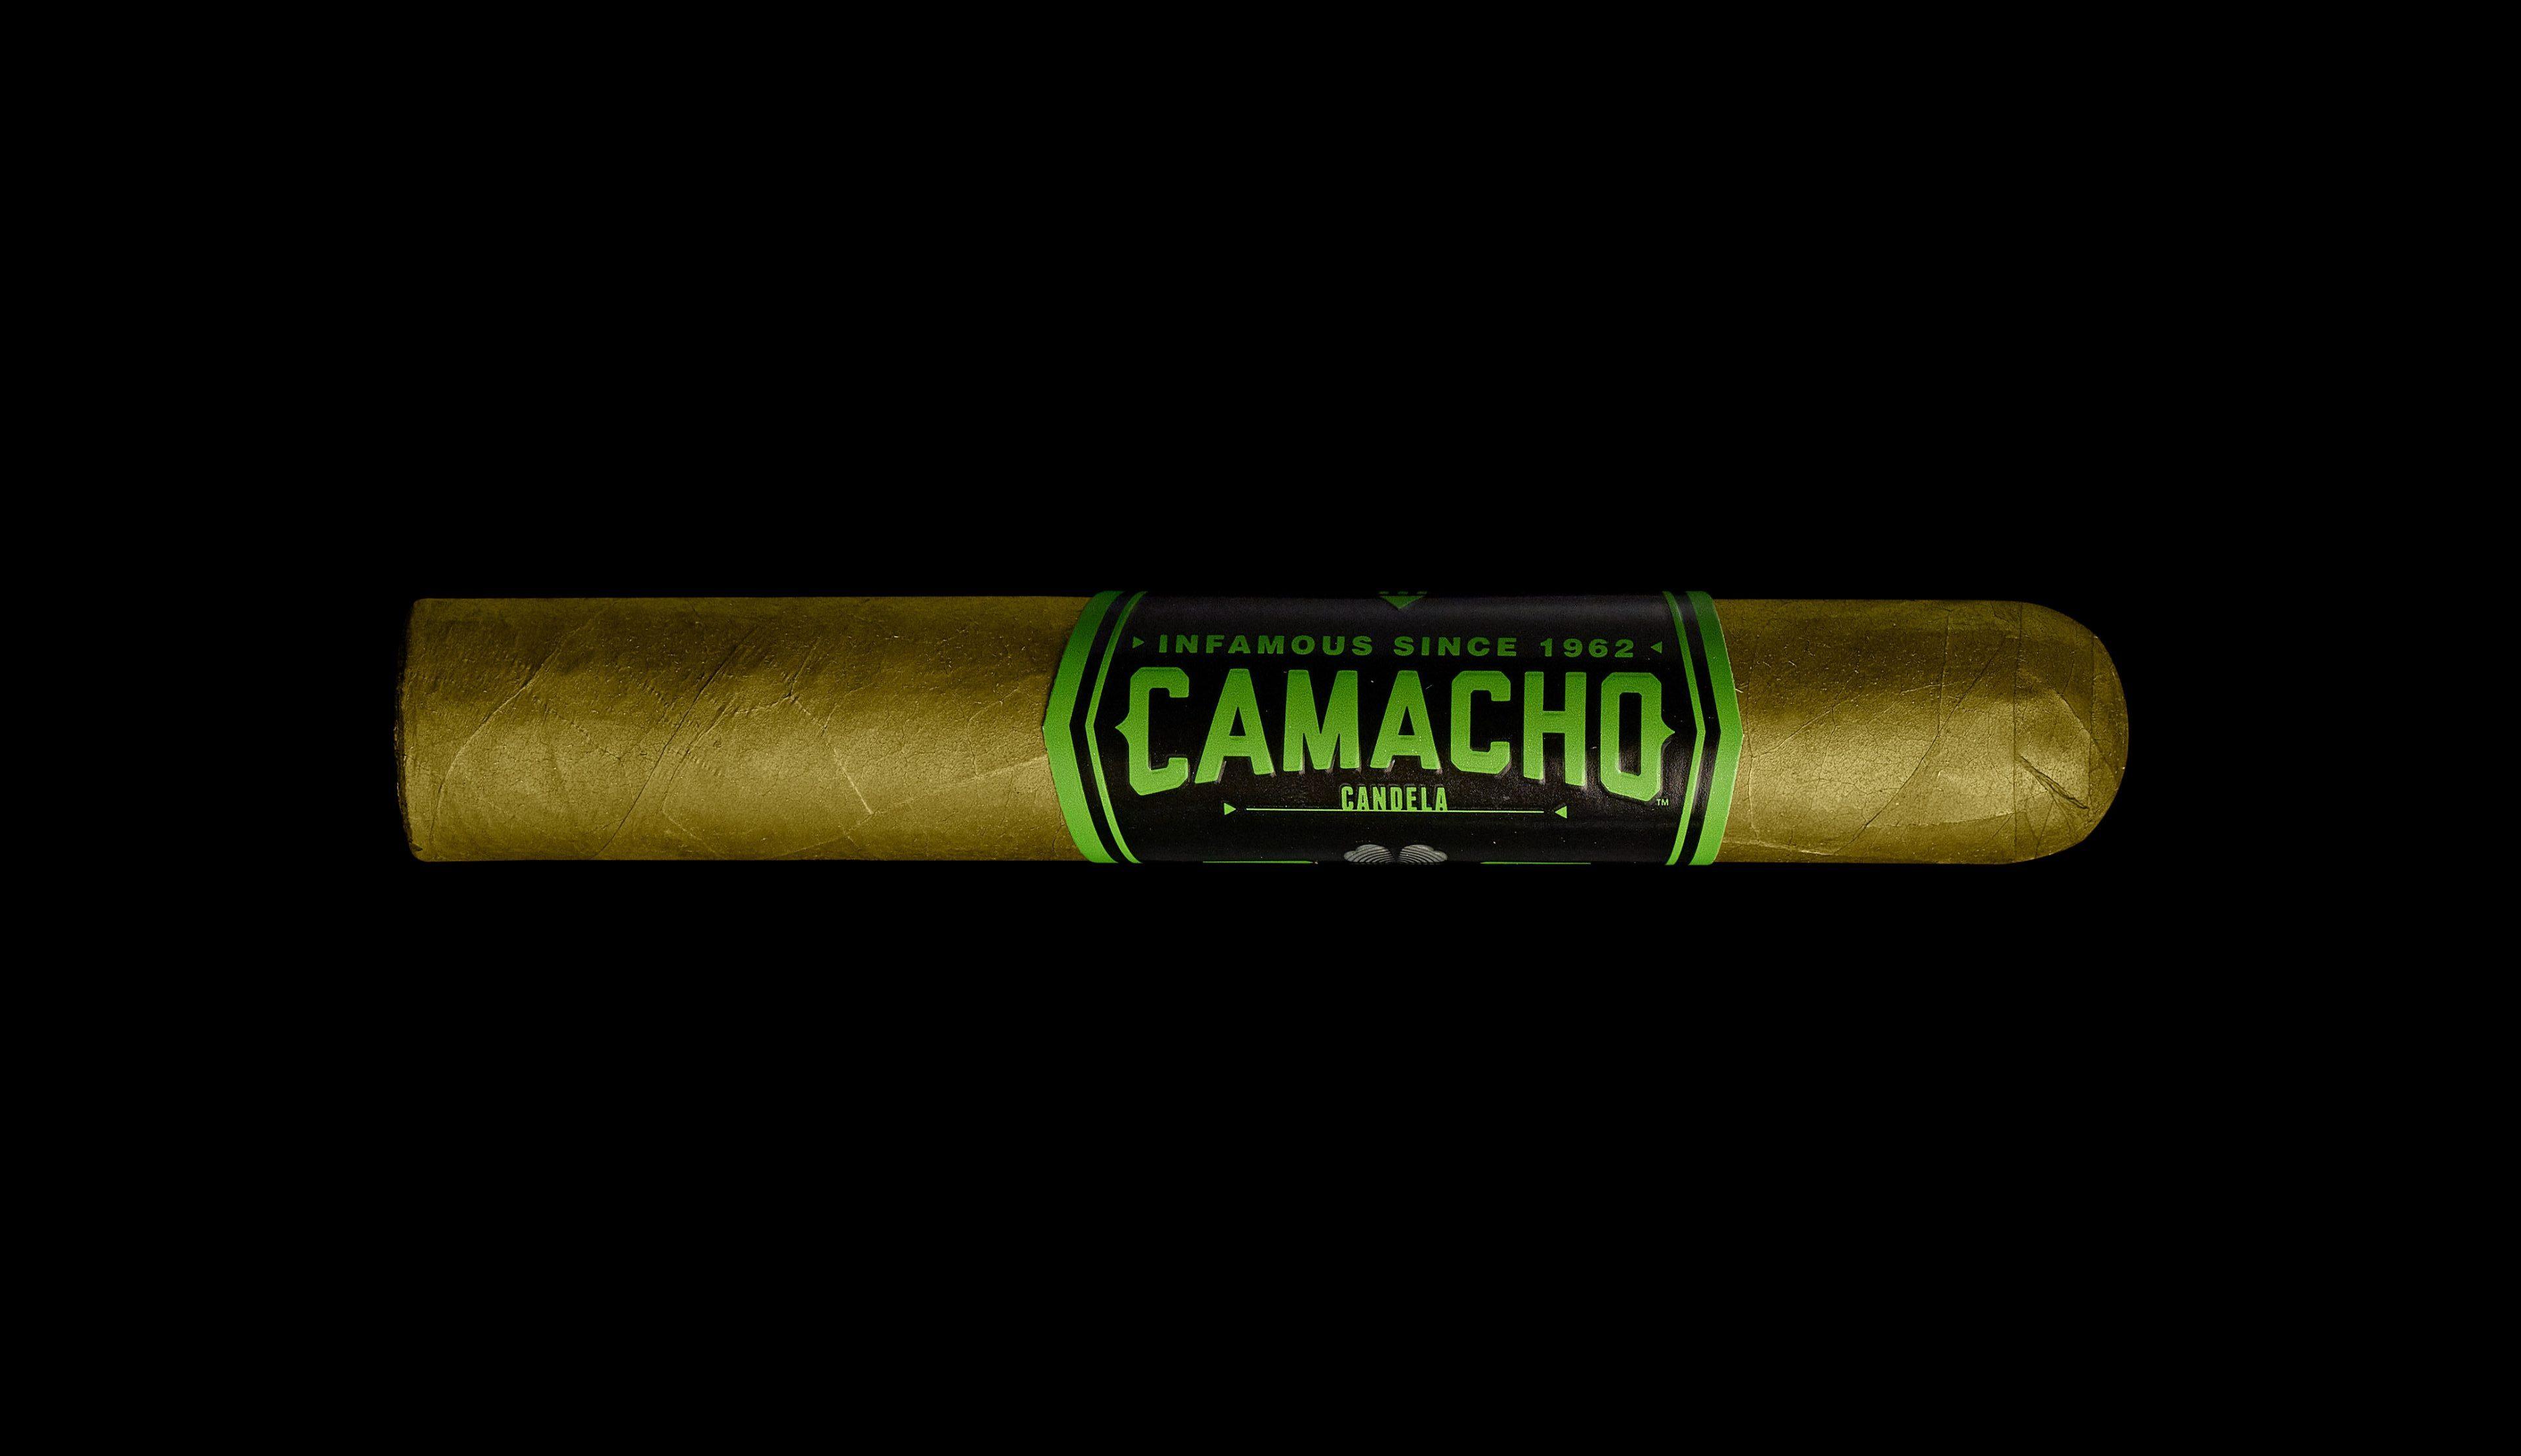 Cigar News: Camacho Announces Camacho Candela